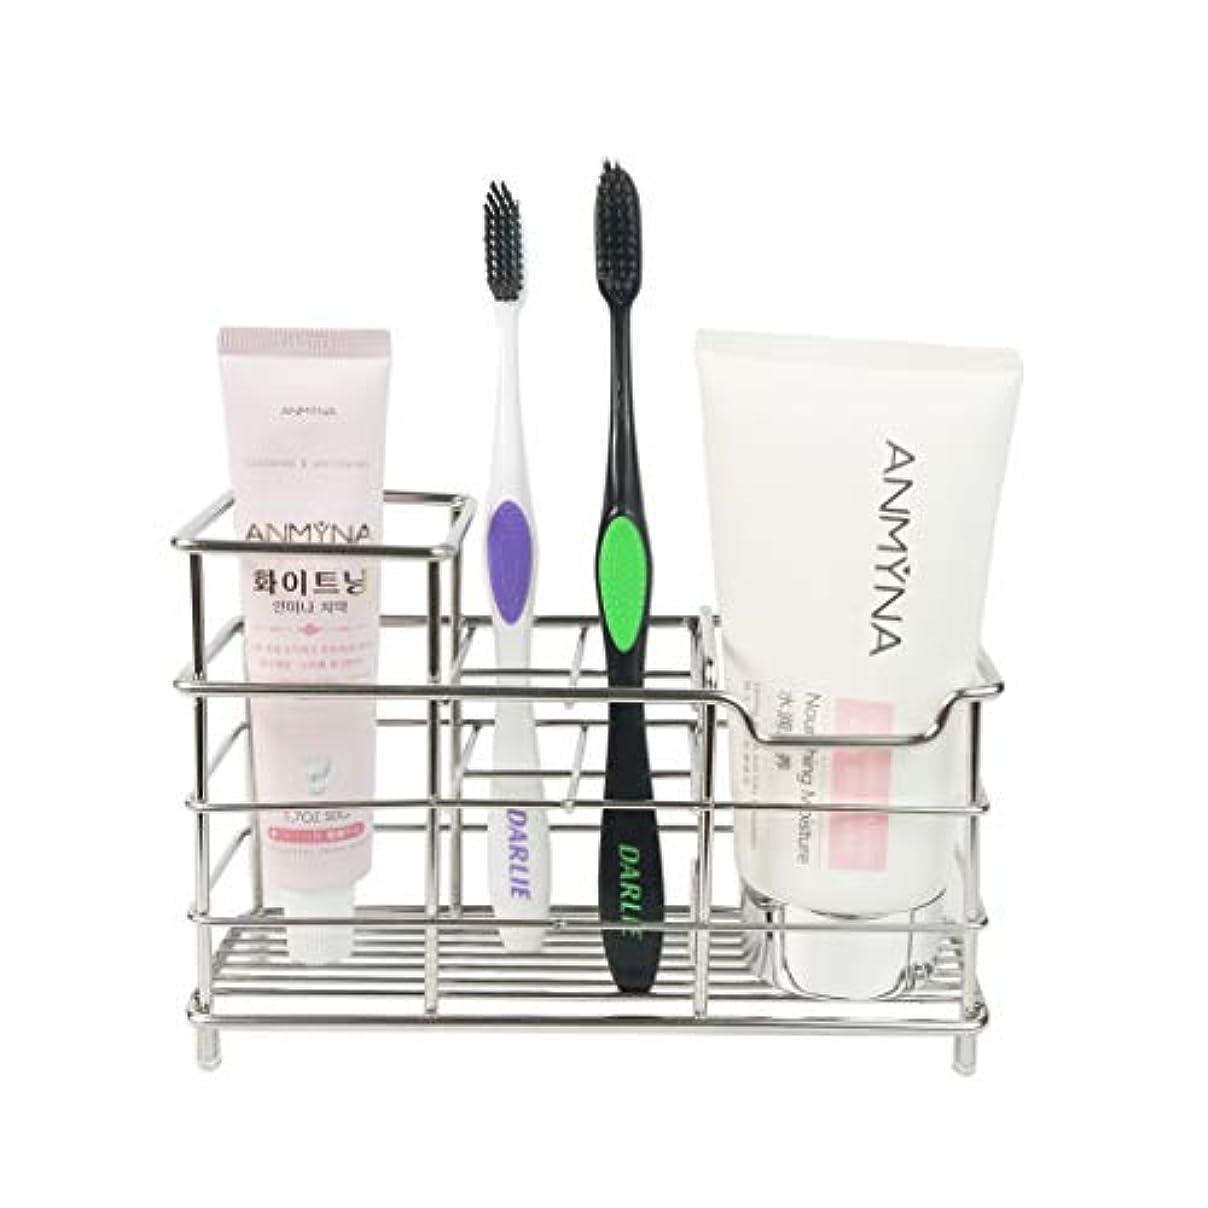 控えめなとらえどころのないマントKeonjinn 歯ブラシスタンド 置き型 電動歯ブラシ置き 防錆、大容量 304ステンレス製 洗面所 収納 (サイズ A)